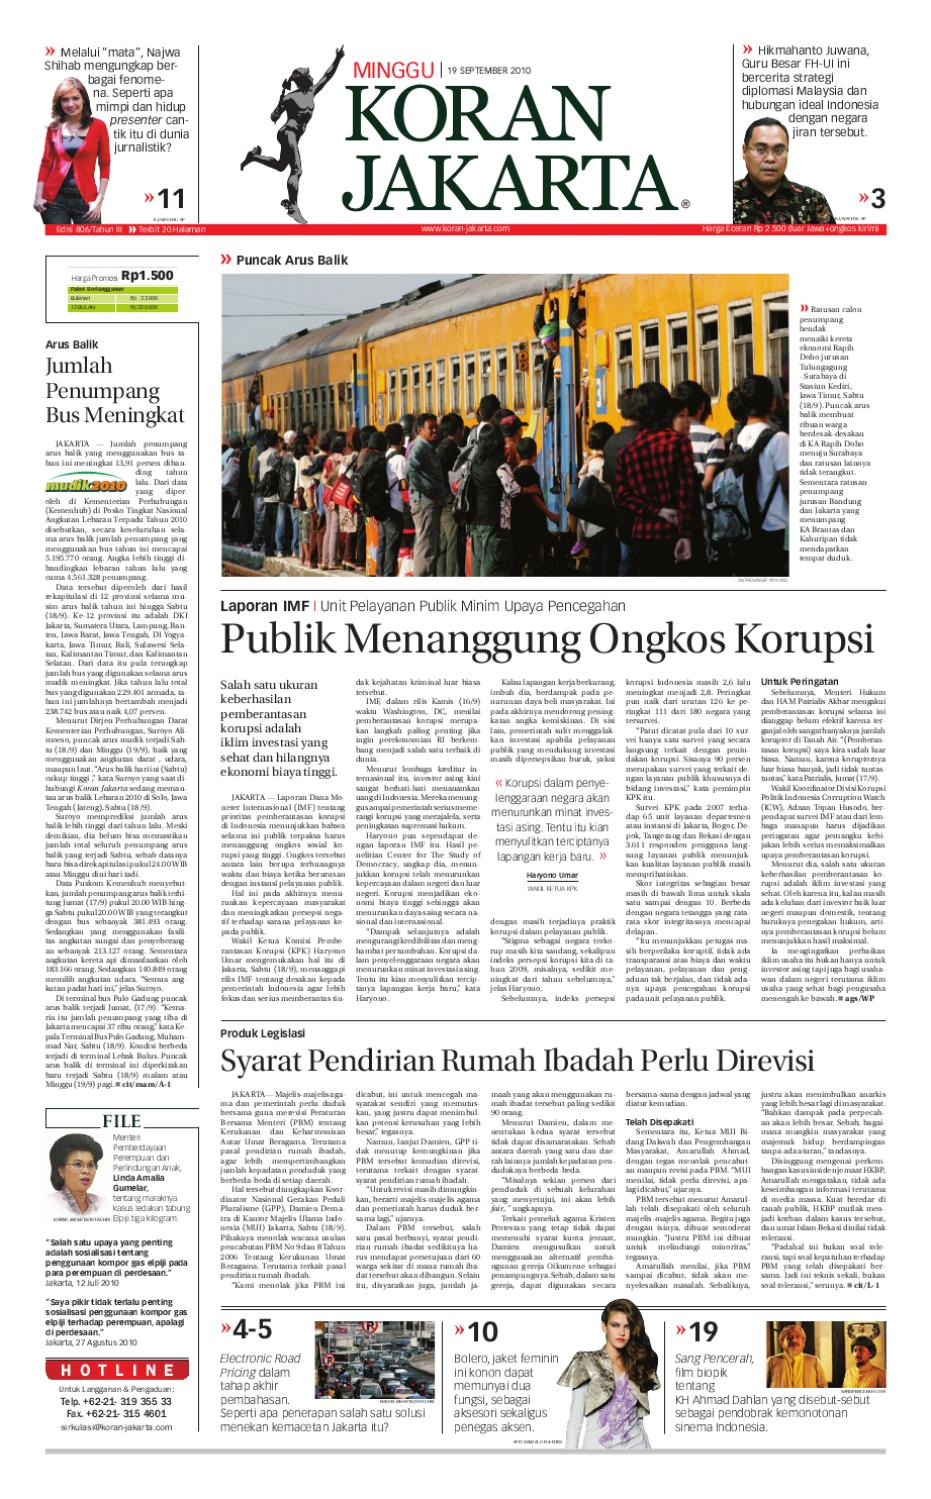 Edisi 806 19 September 2010 By Pt Berita Nusantara Issuu Meisa Bulu Mata Palsu Tipe Ren Bawah